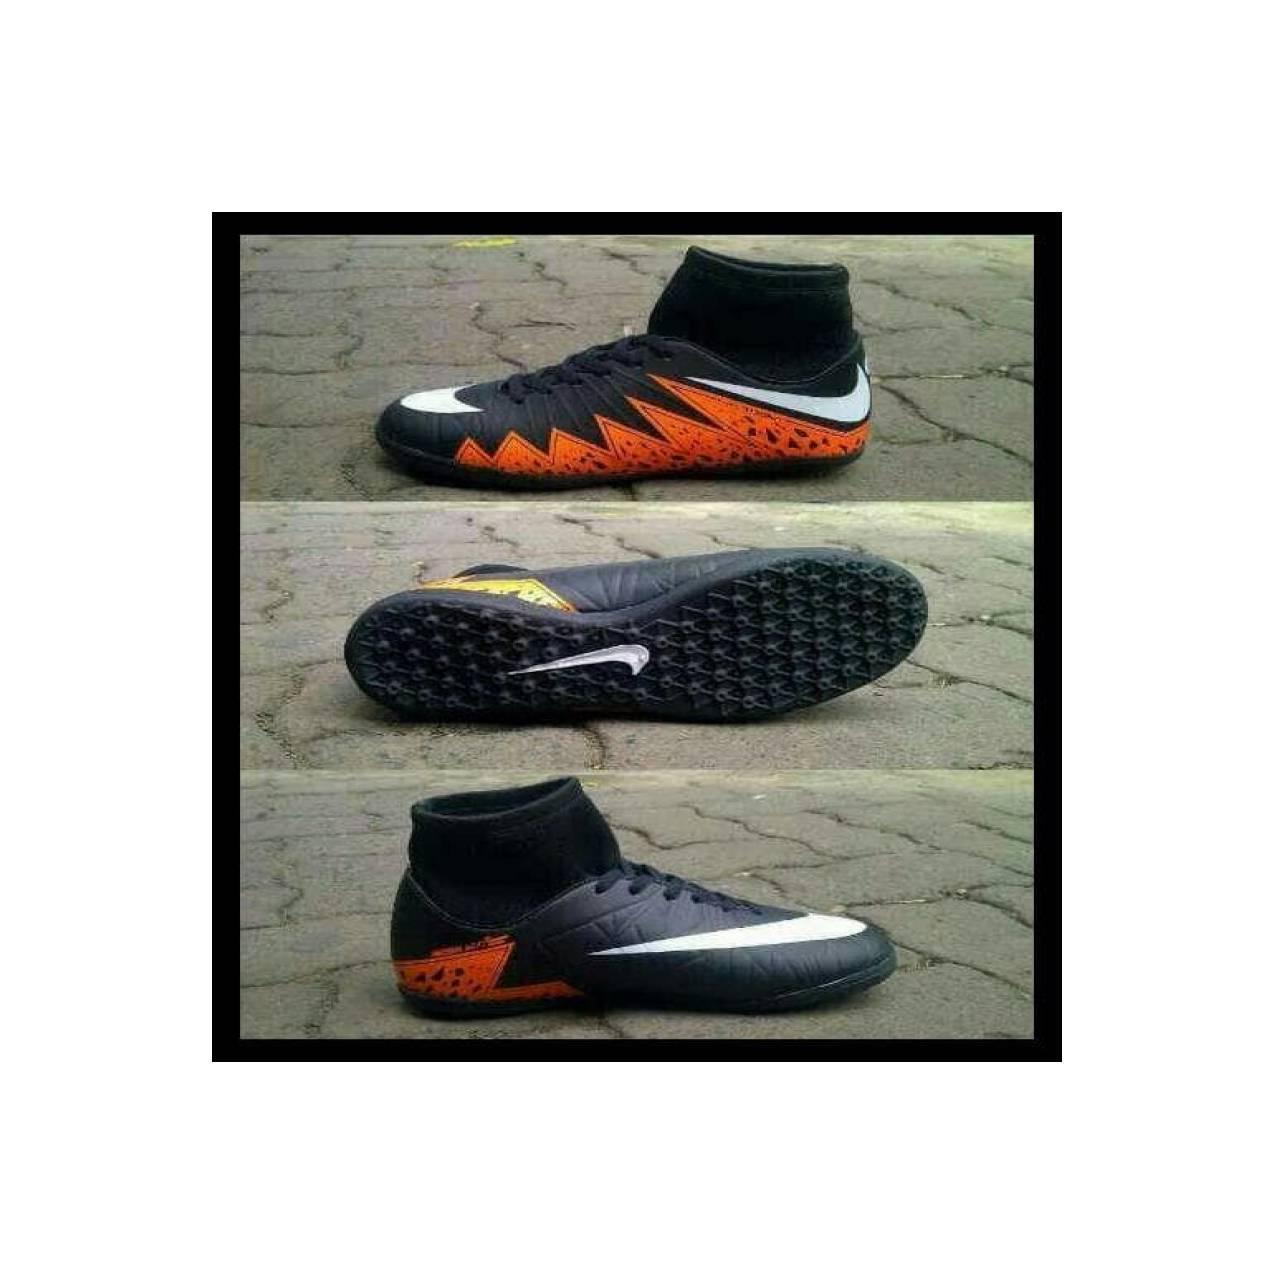 (Baru!!) Gratis Kaos Kaki!!!! Sepatu Futsal Nike Mercurial Hypervenom